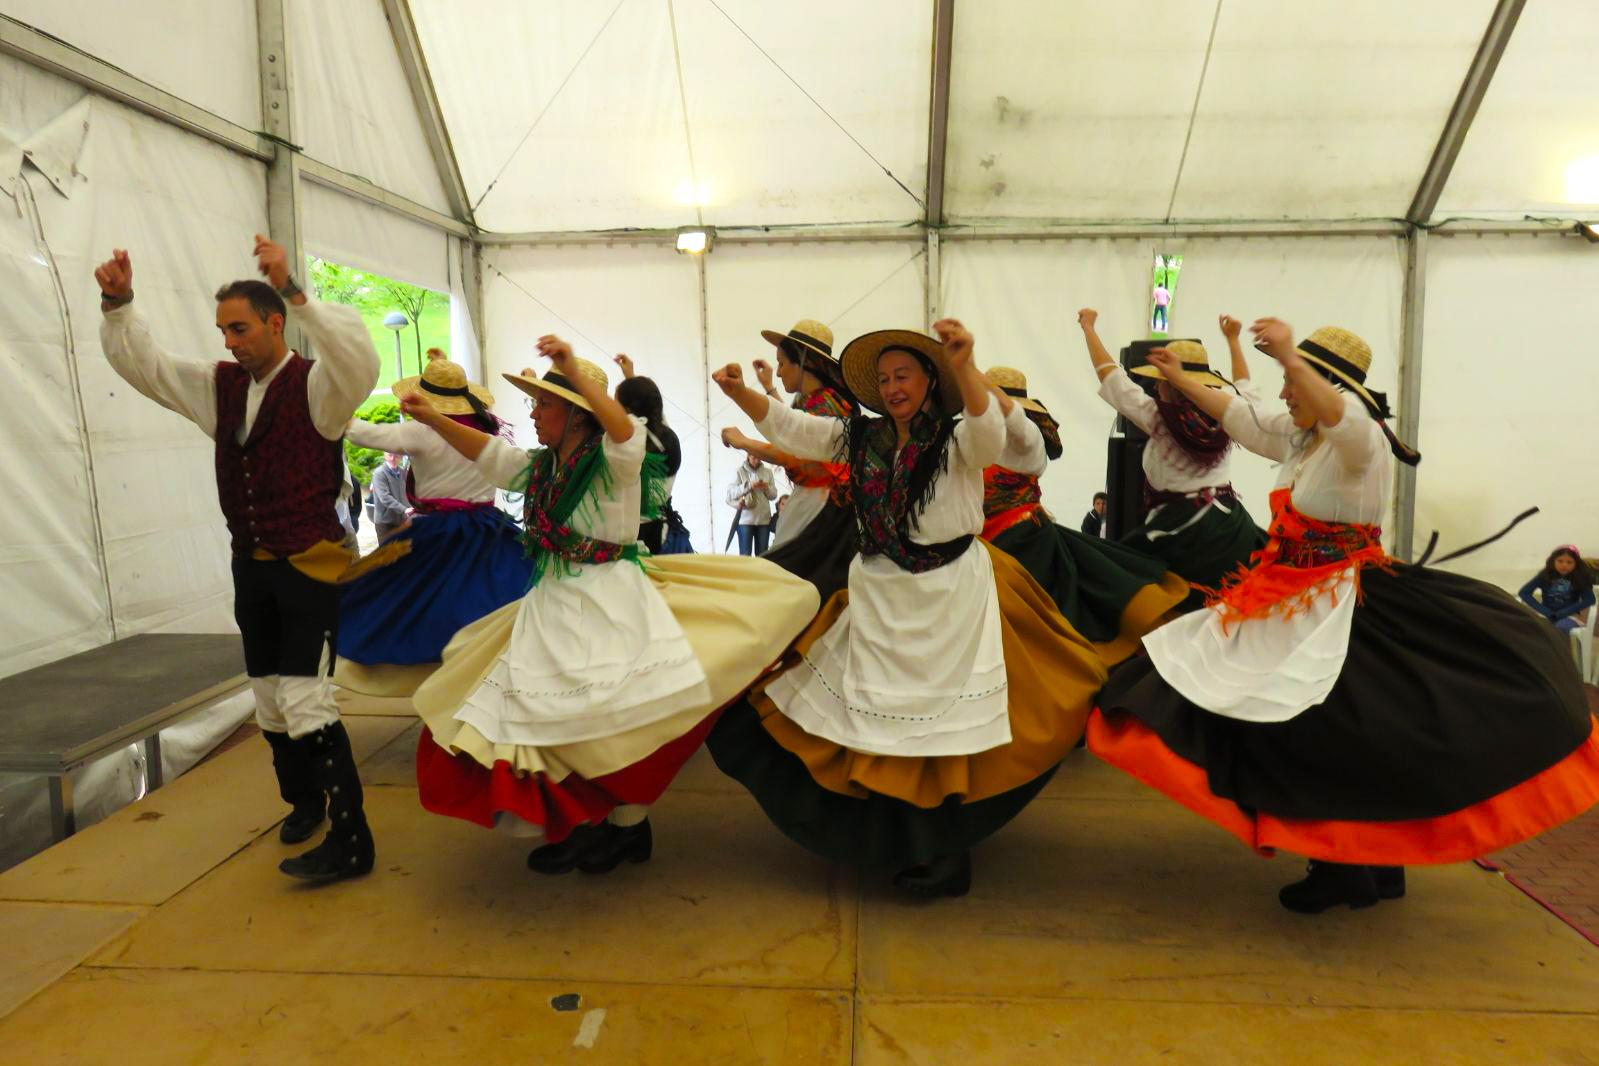 Grupo baile adultos bailando